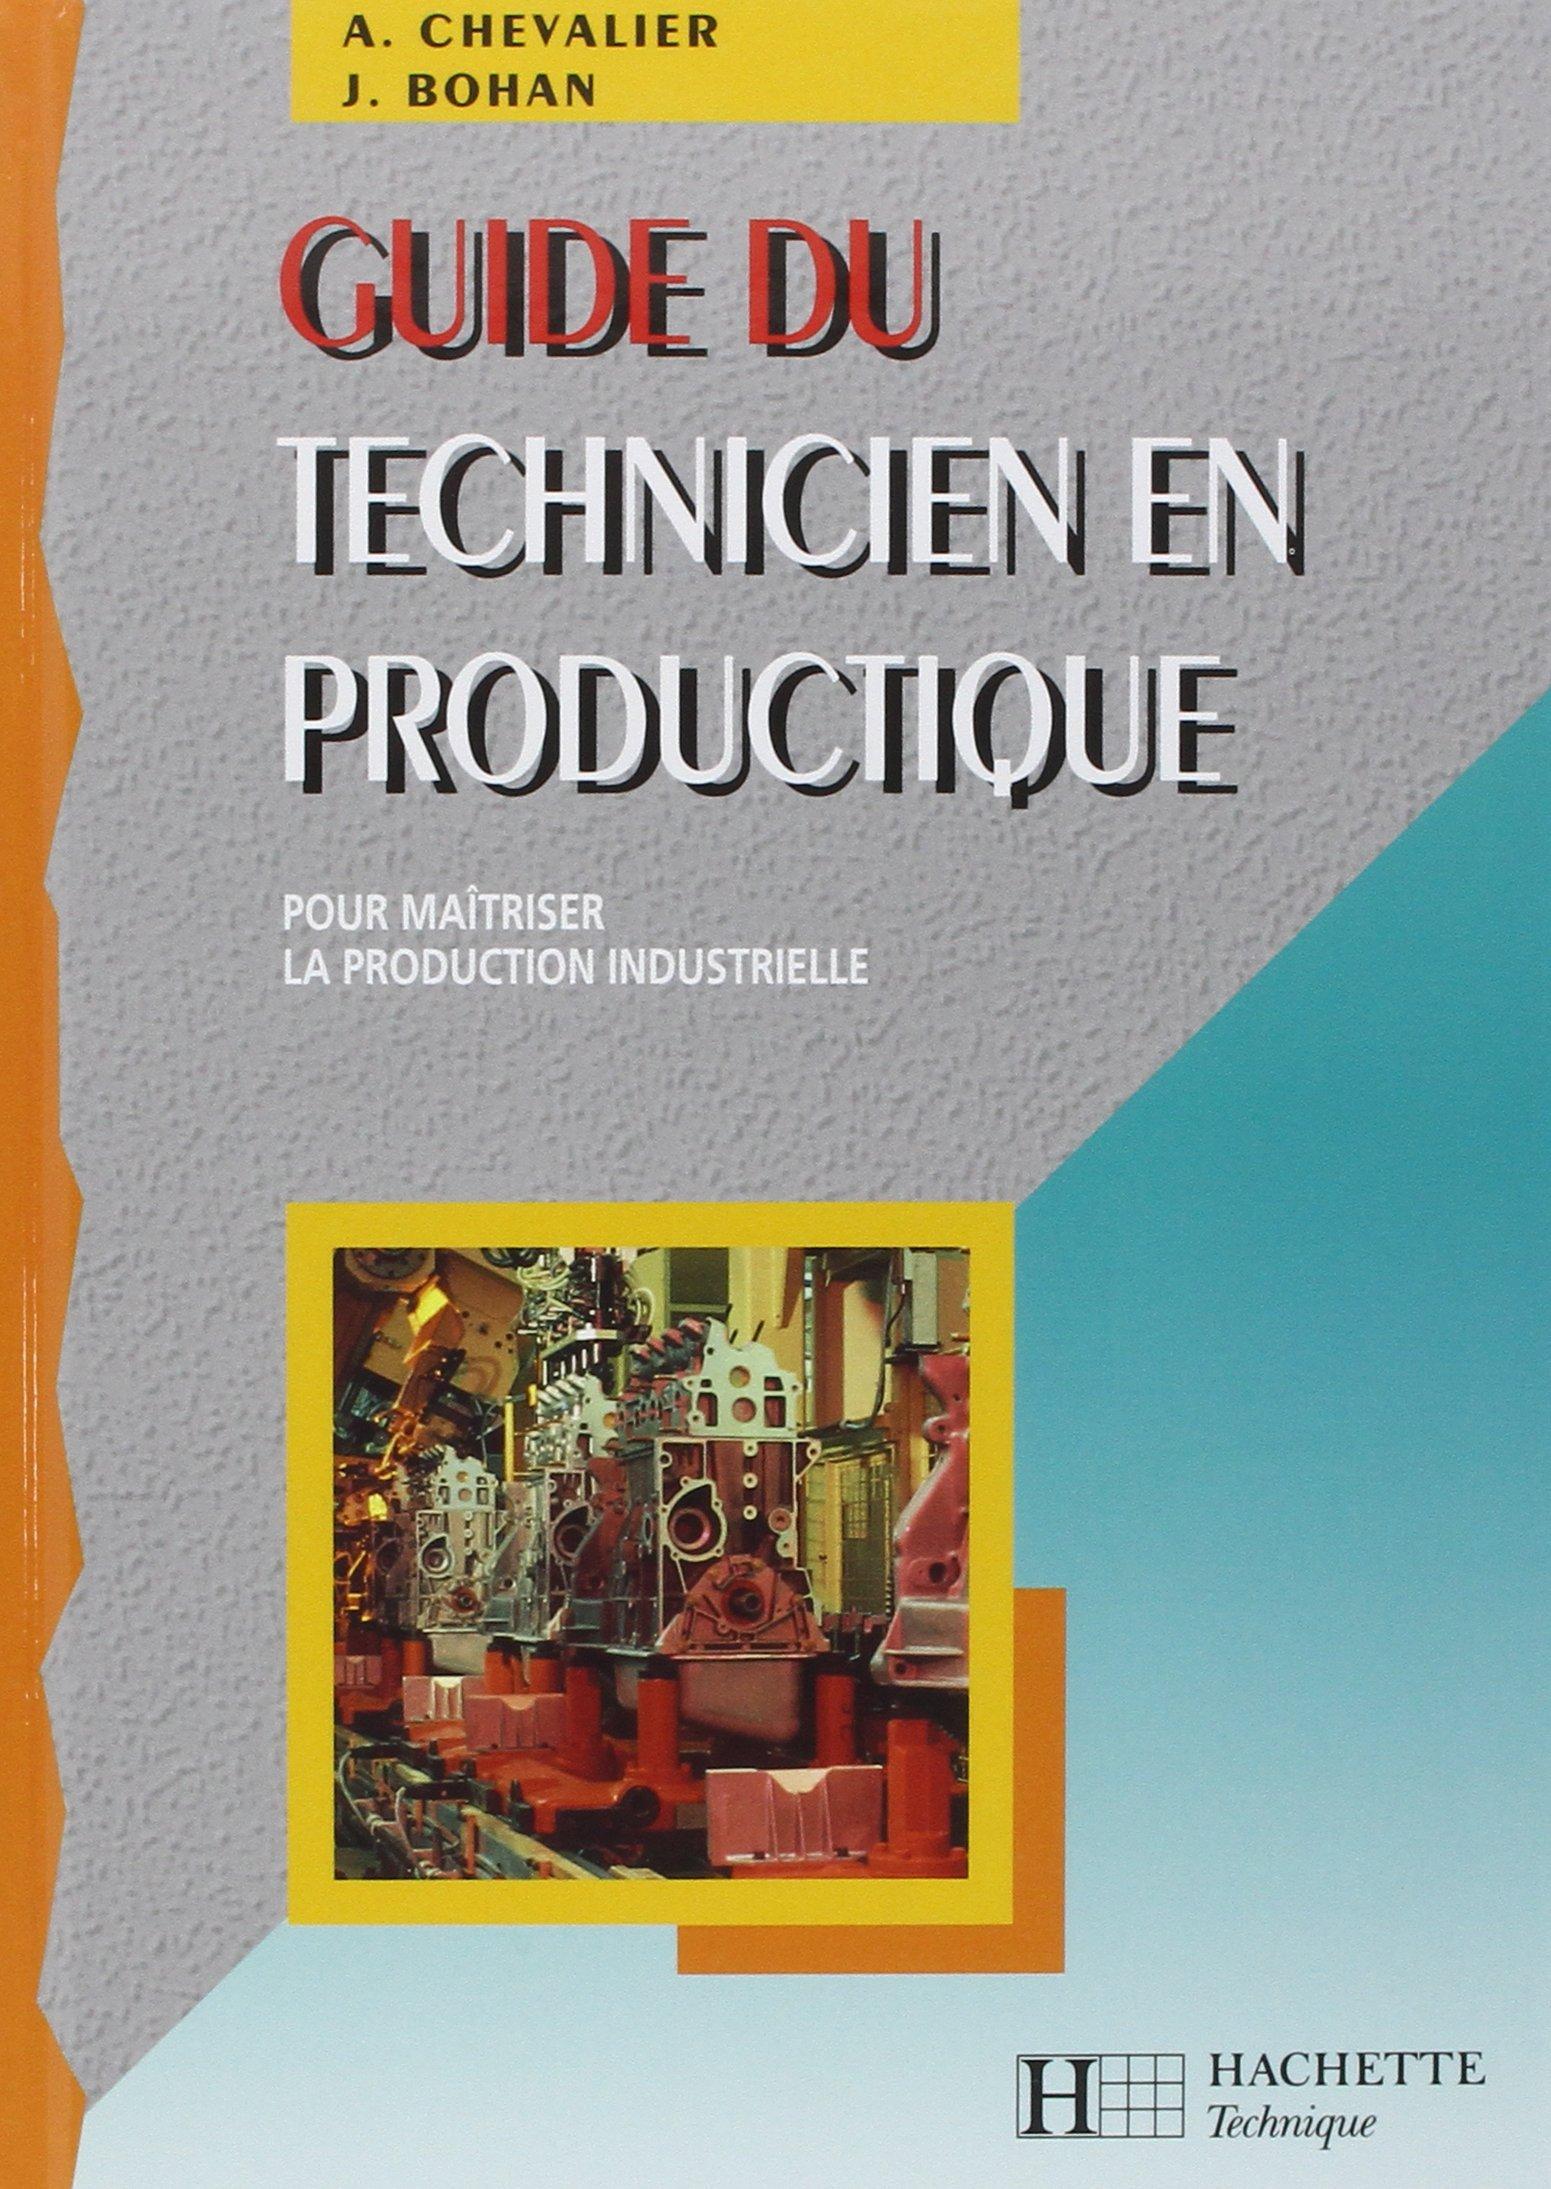 EN PRODUCTIQUE PDF TECHNICIEN GUIDE GRATUITEMENT TÉLÉCHARGER GRATUIT DU